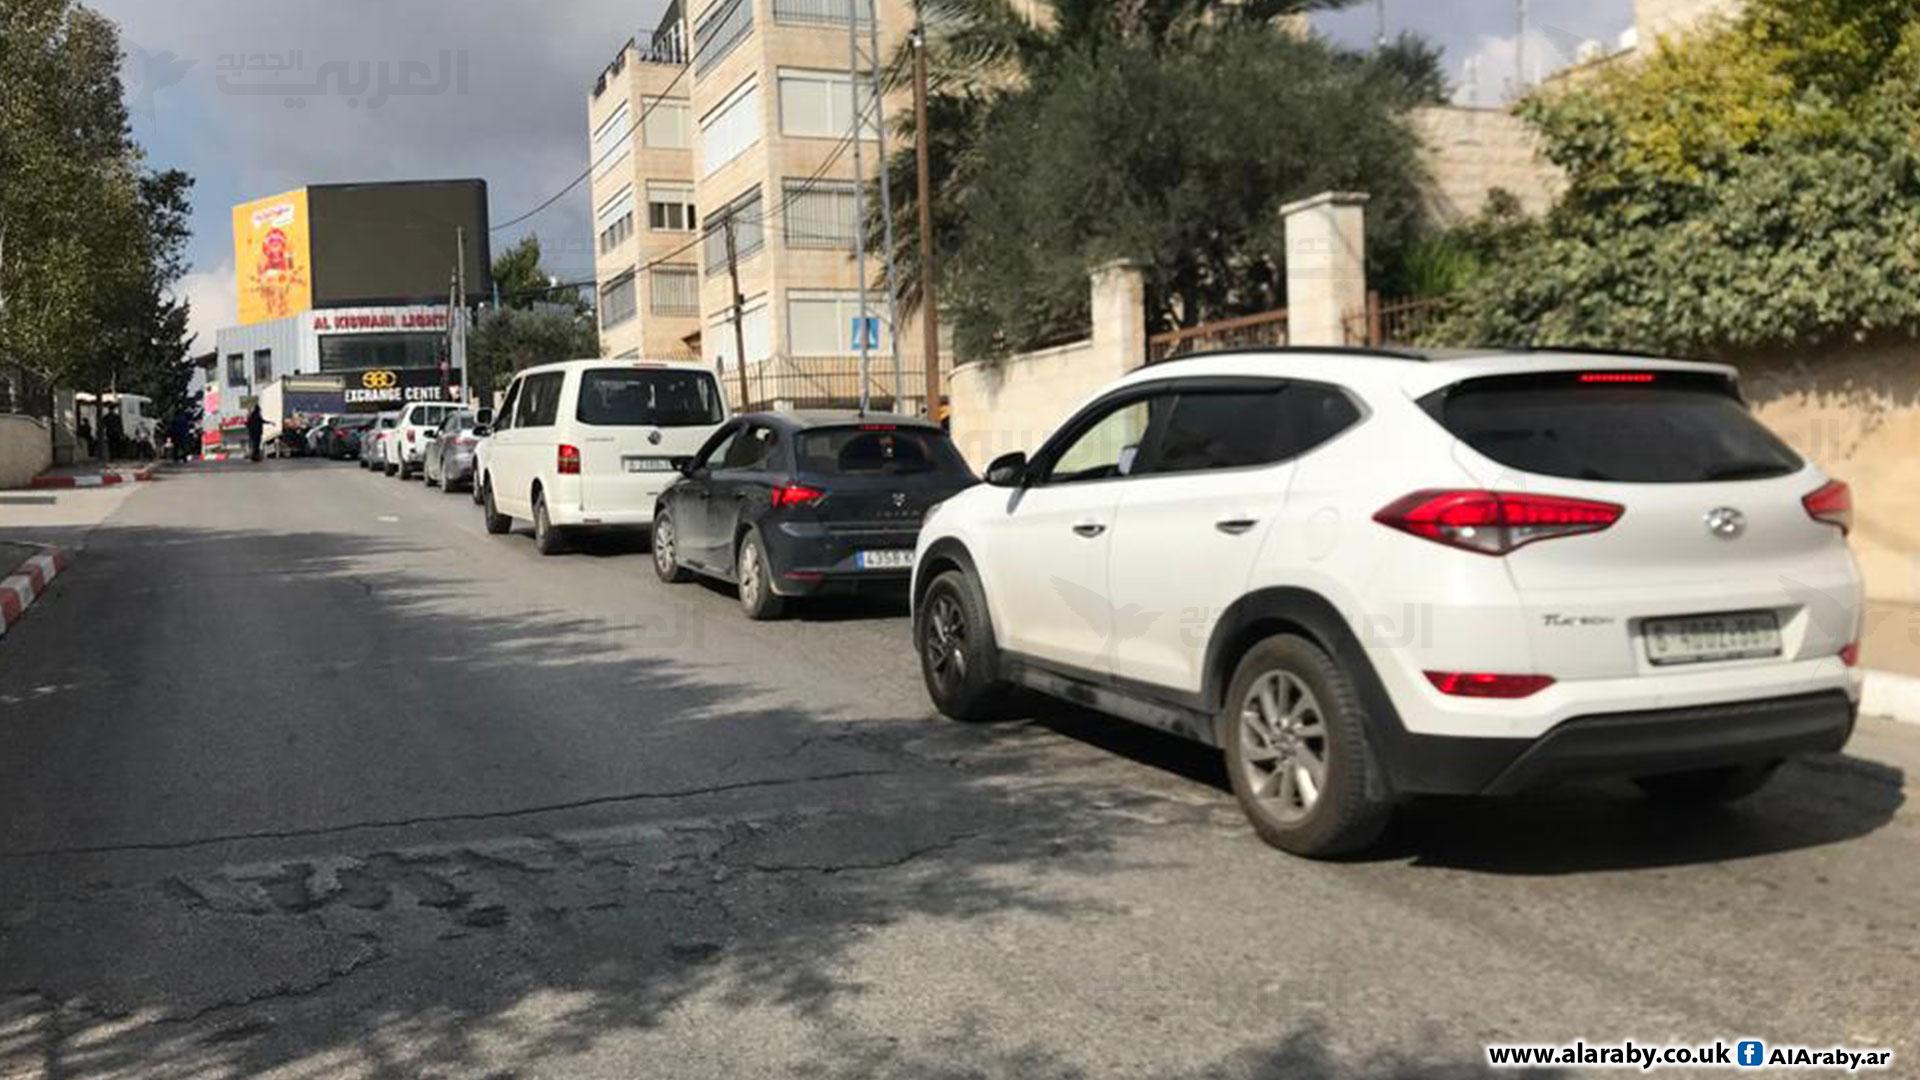 ذوو إعاقة يغلقون شارعا رئيسيا في رام الله للمطالبة بنظام صحي